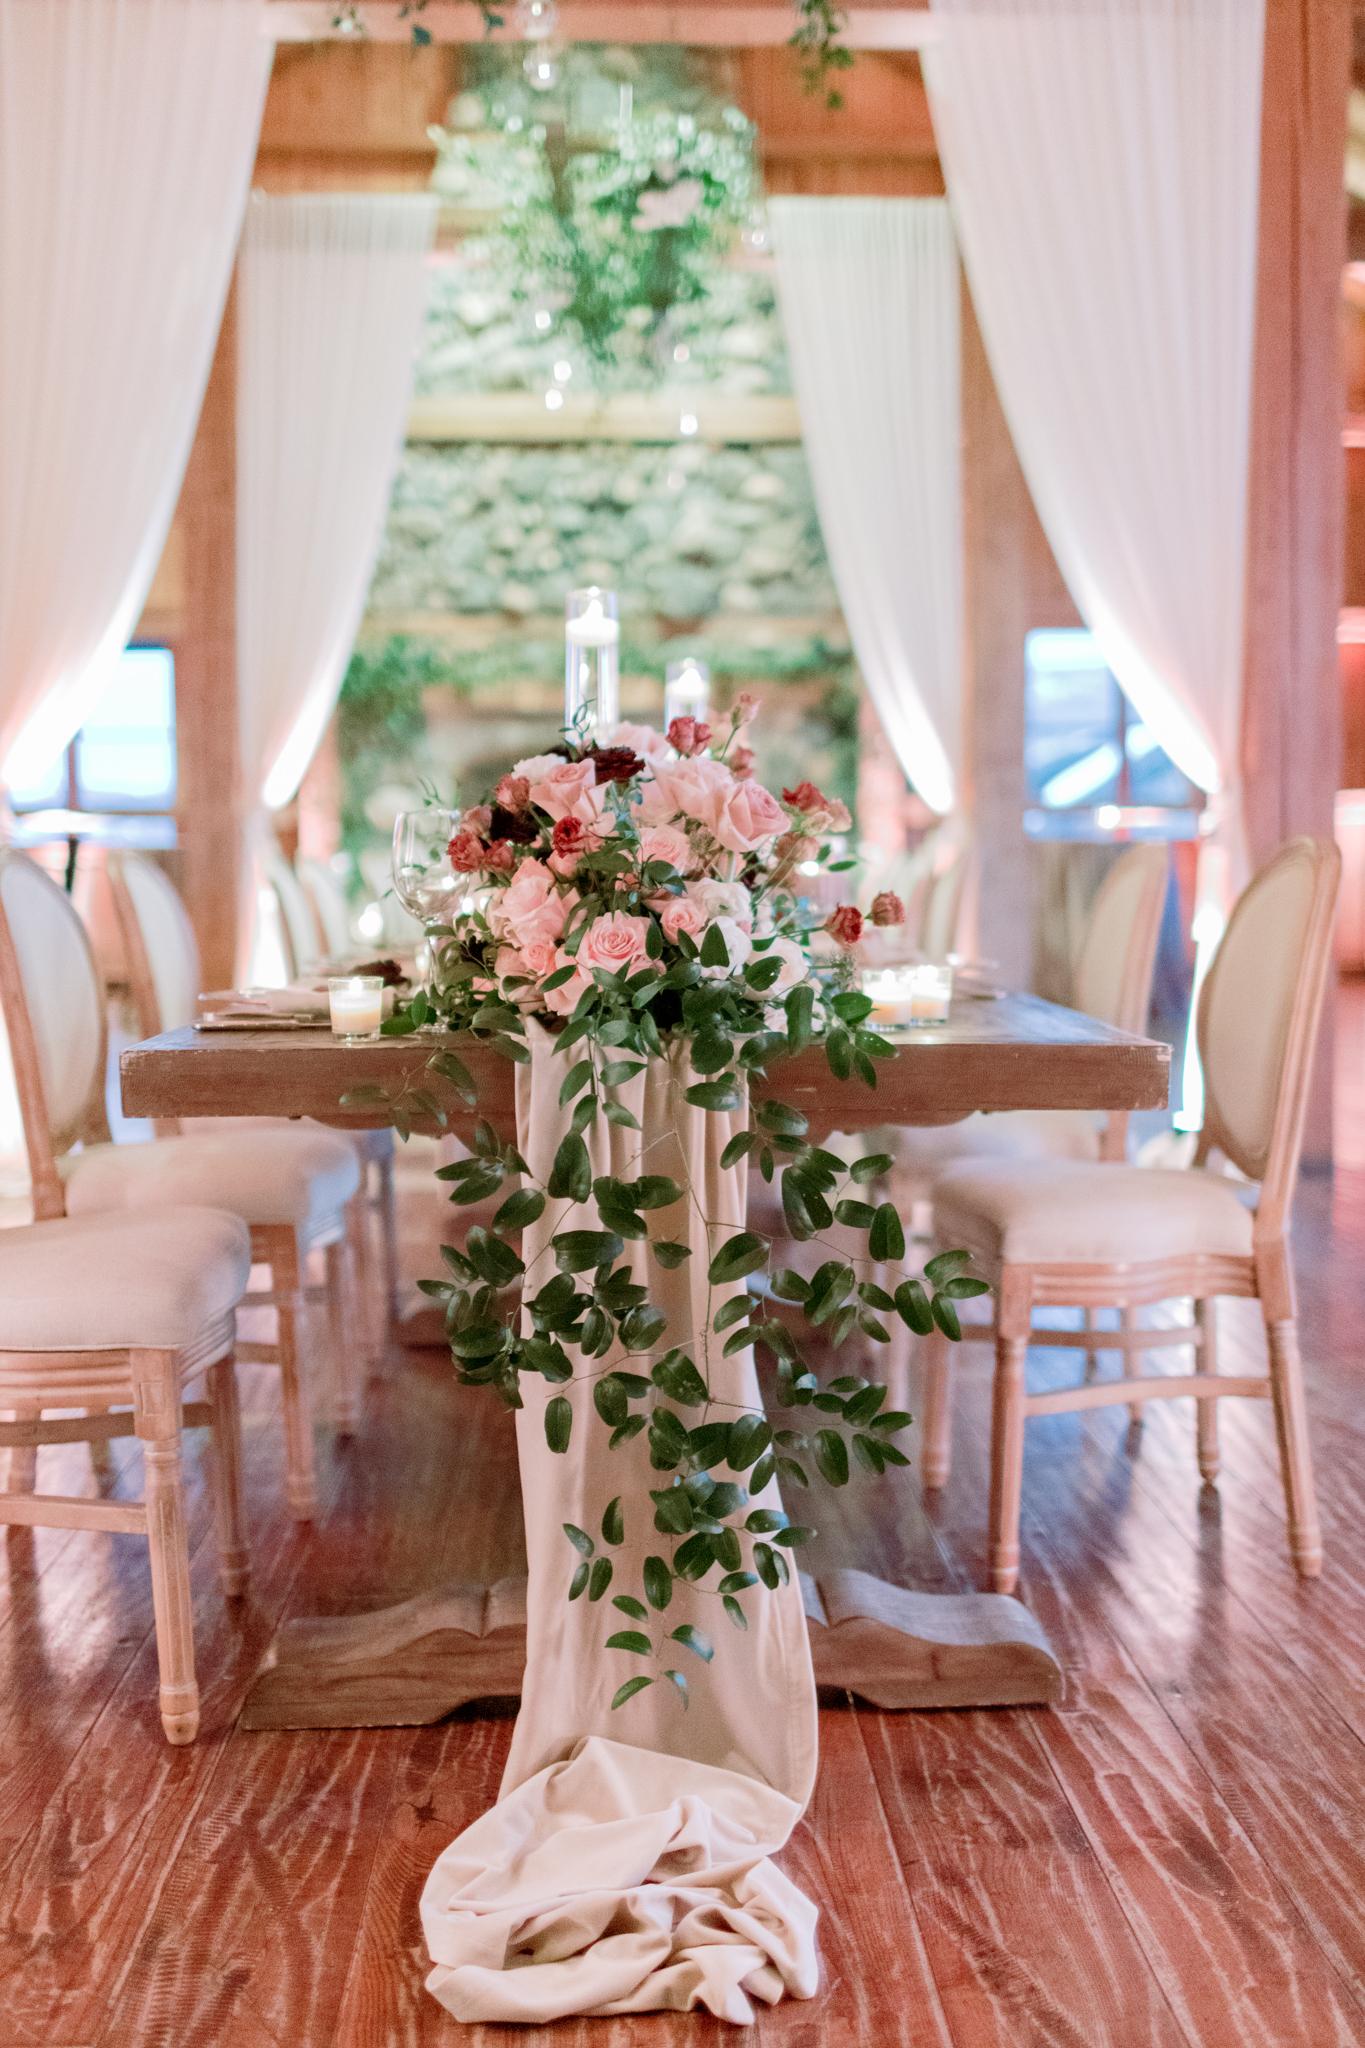 Devils-Thumb-Ranch-Tabernash-Colorado-Winter-Broad-Axe-Barn-Reception-Table-Centerpieces